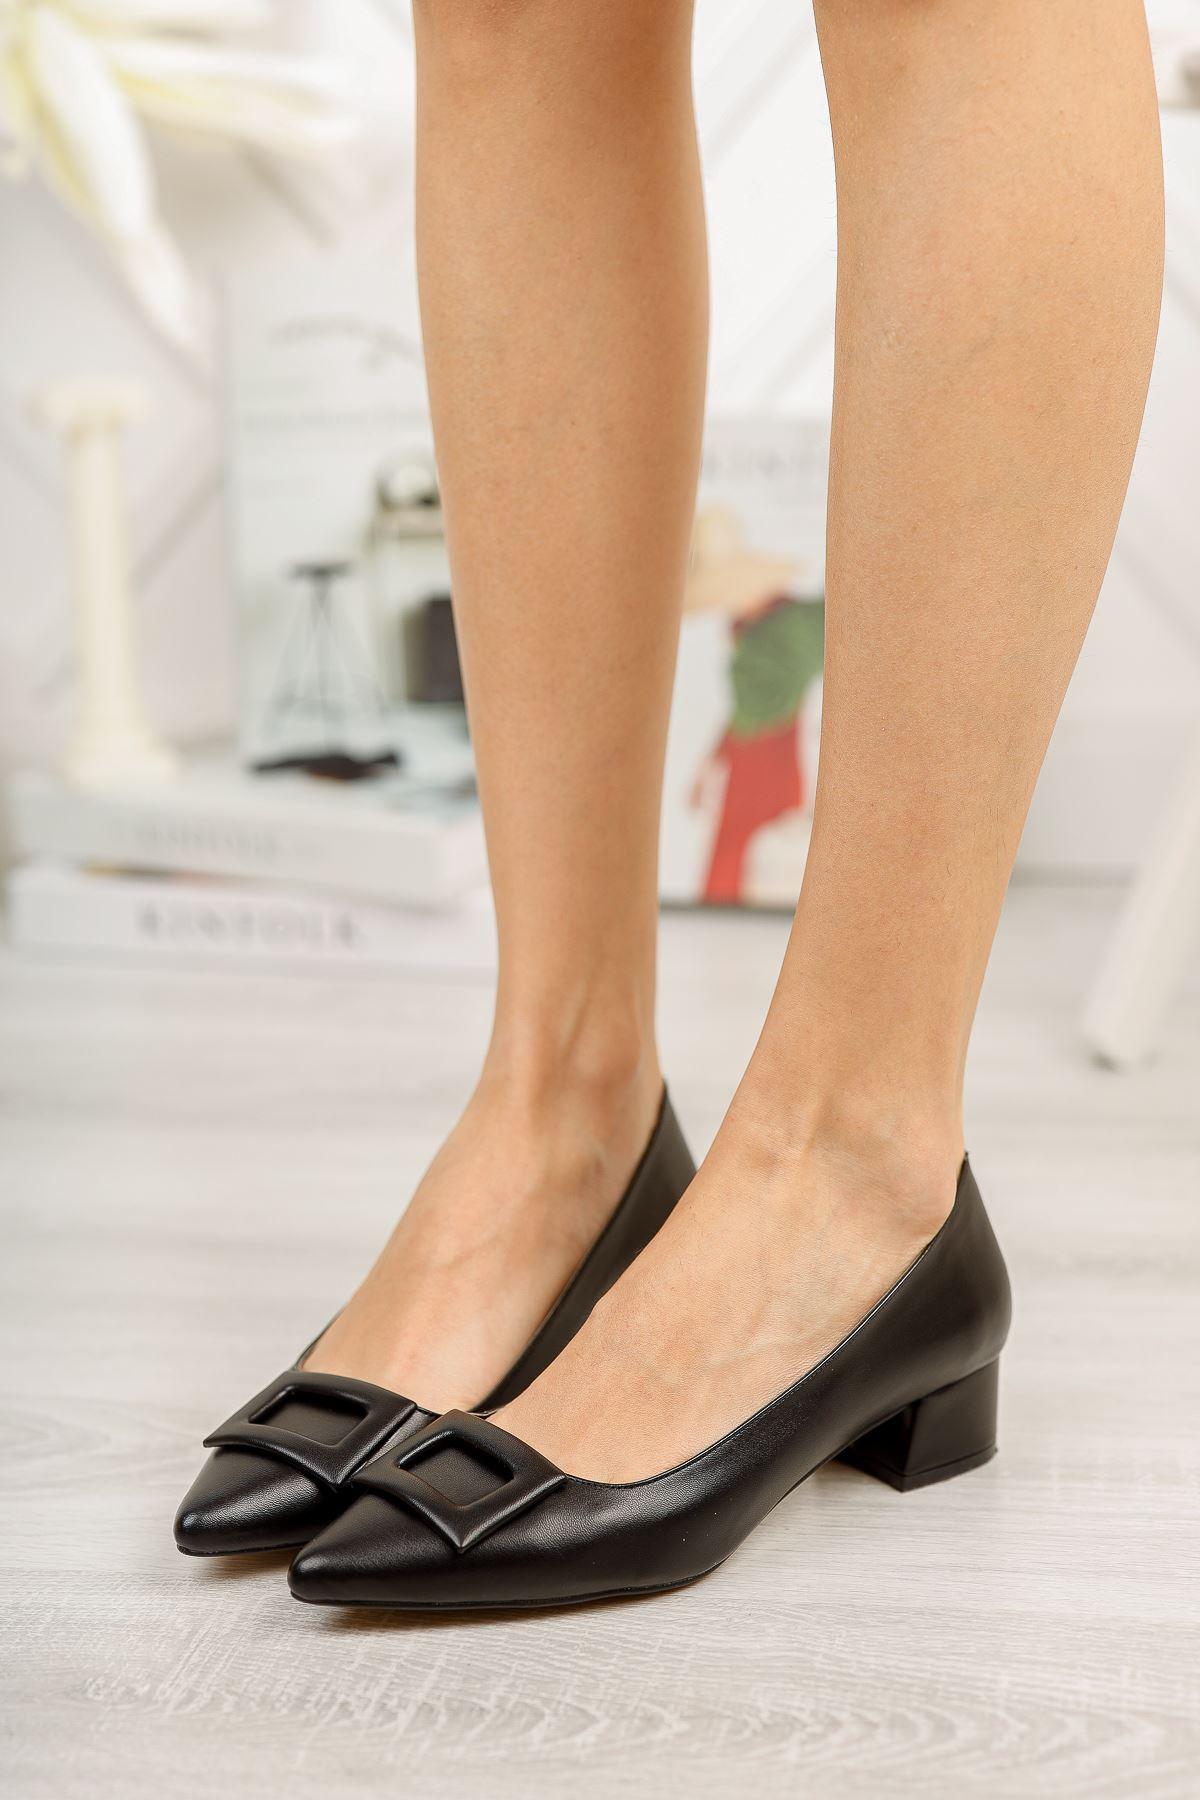 Siyah Deri Sivri Kalıp Toka Detaylı Kısa Kalın Topuklu Ayakkabı